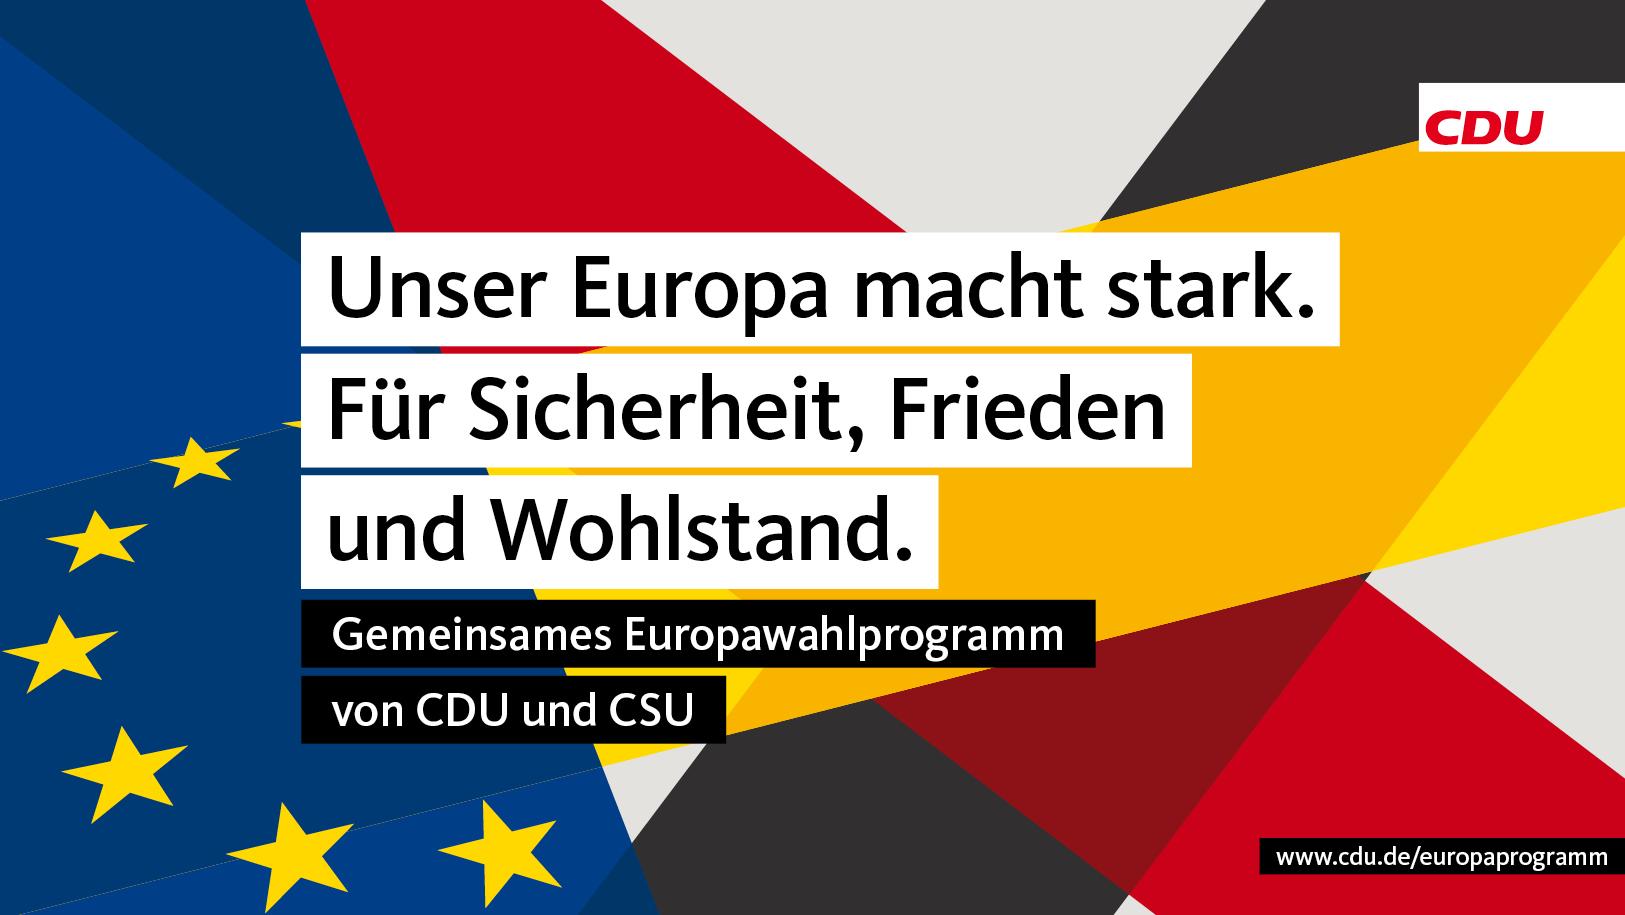 Unser Europa macht stark. F�r Sicherheit, Frieden und Wohlstand.